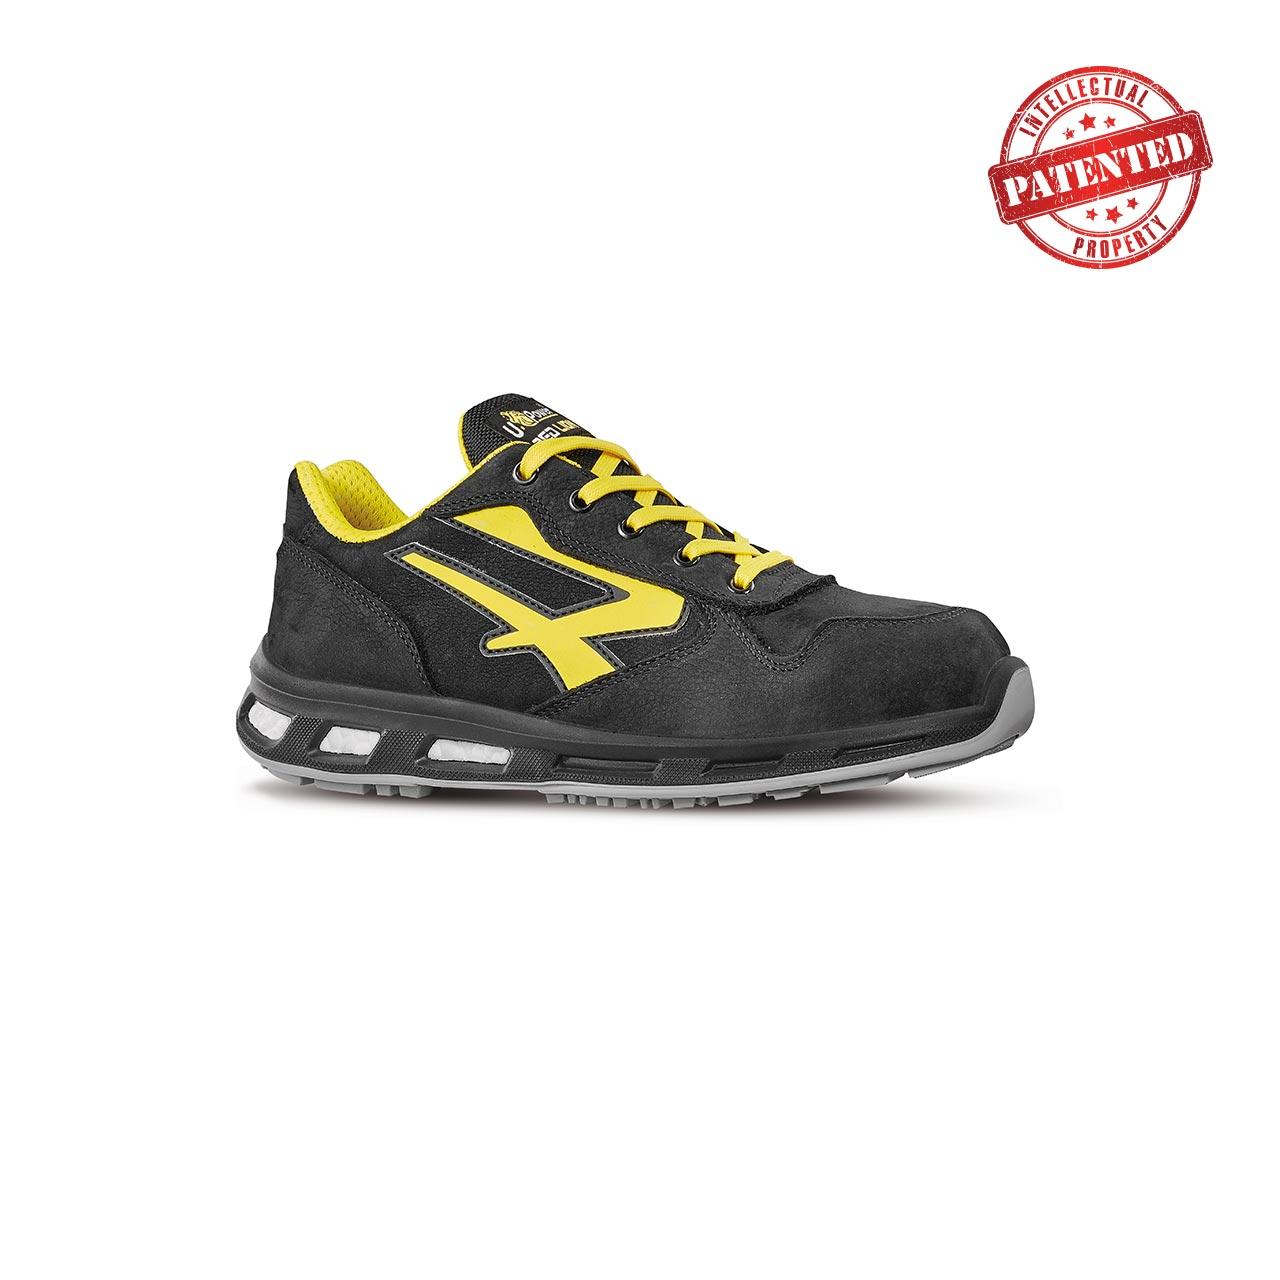 scarpa antinfortunistica upower modello bolt linea redlion vista laterale